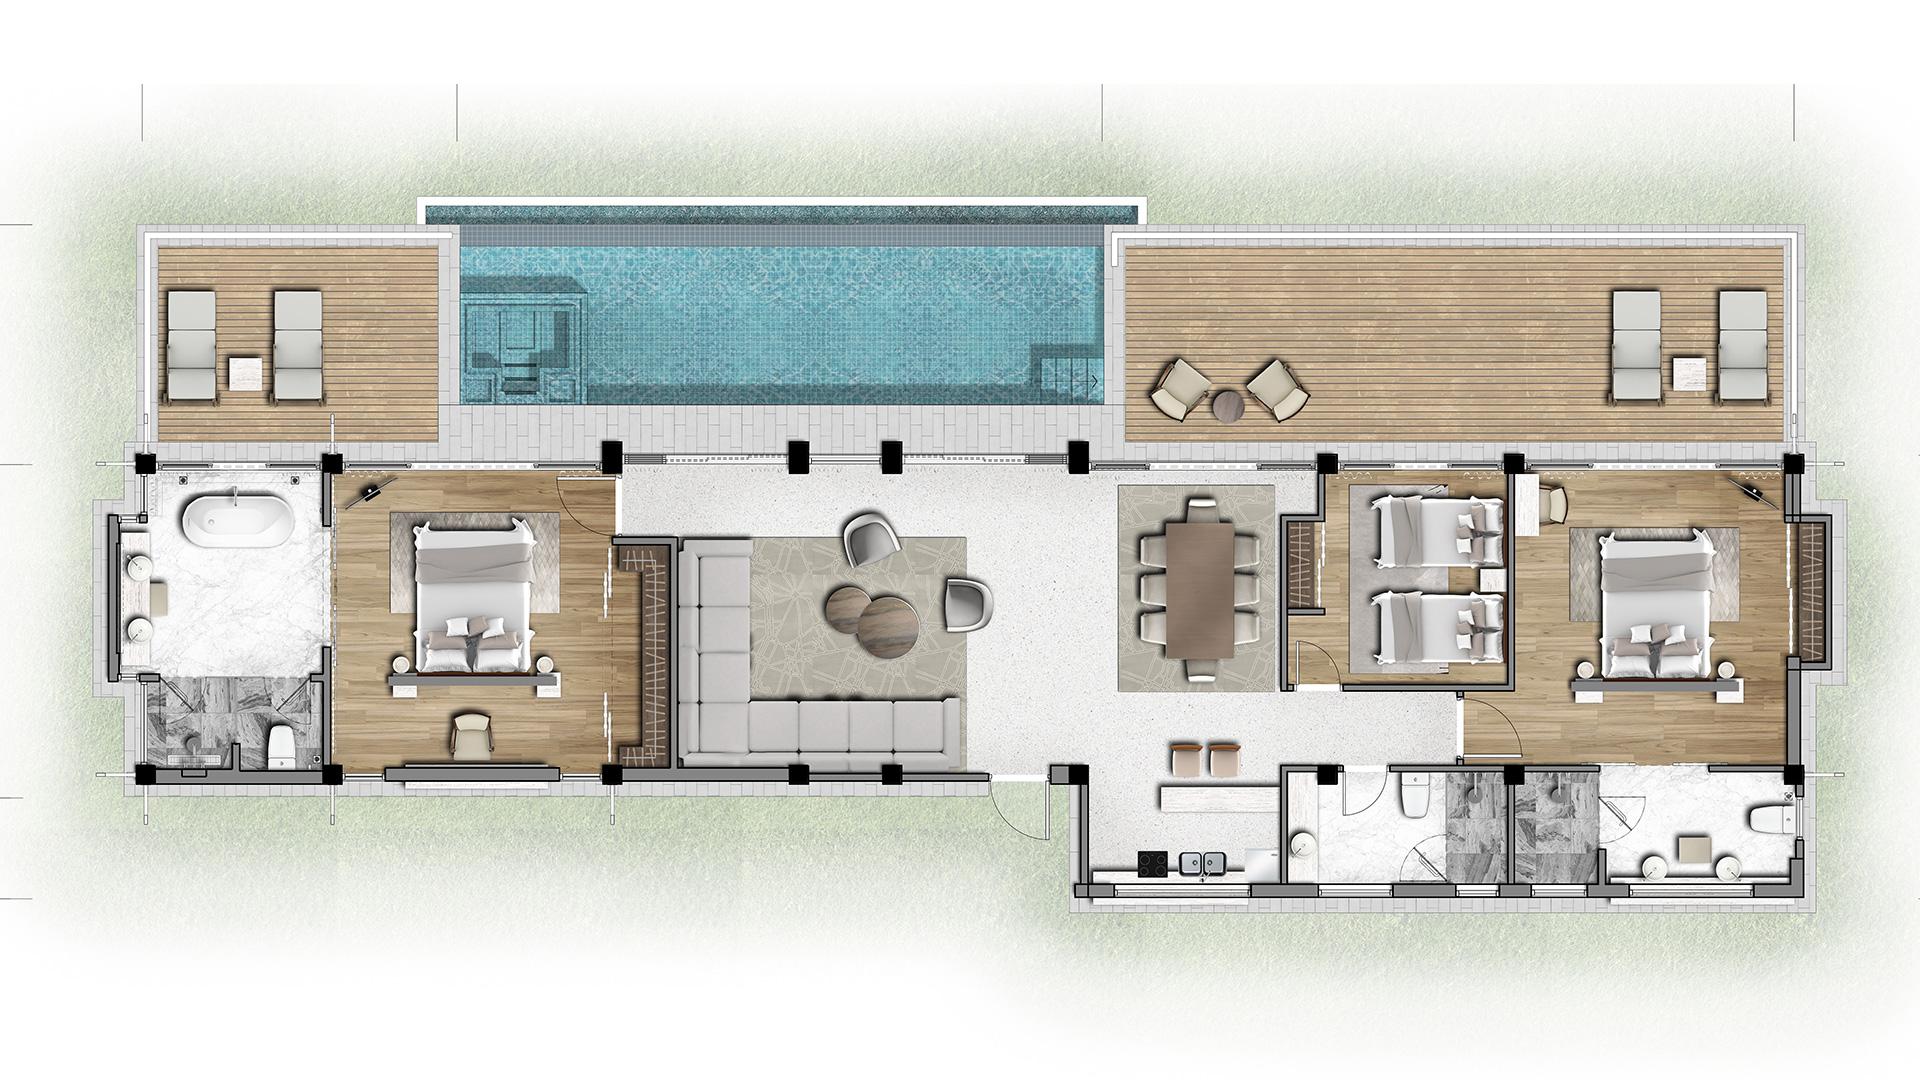 Mặt bằng căn biệt thự loại 3 phòng ngủ dự án Banyan Tree Residences